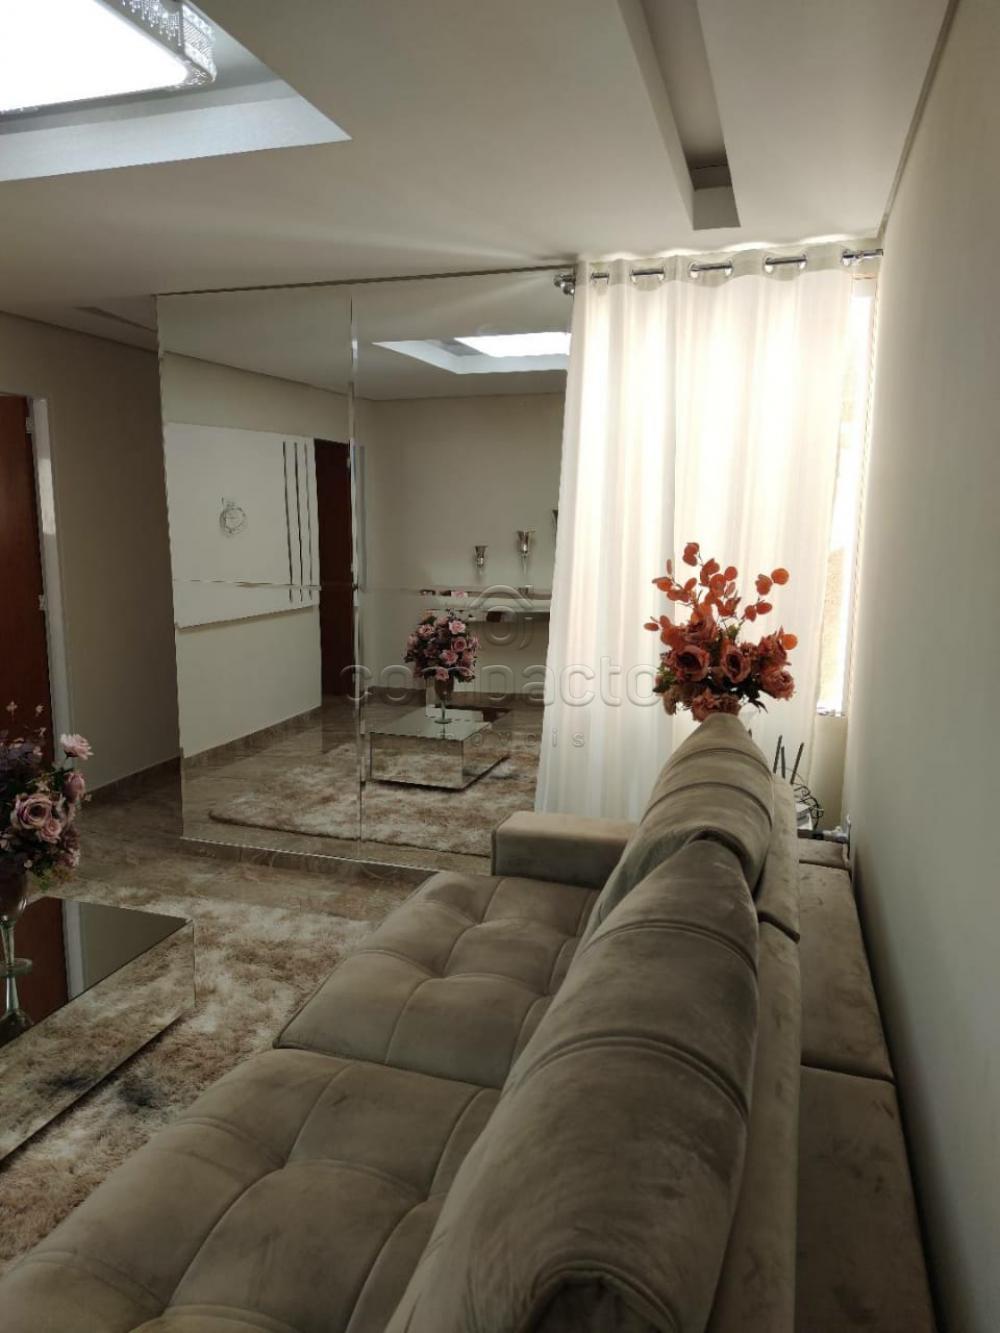 Comprar Casa / Padrão em Mirassol apenas R$ 350.000,00 - Foto 2